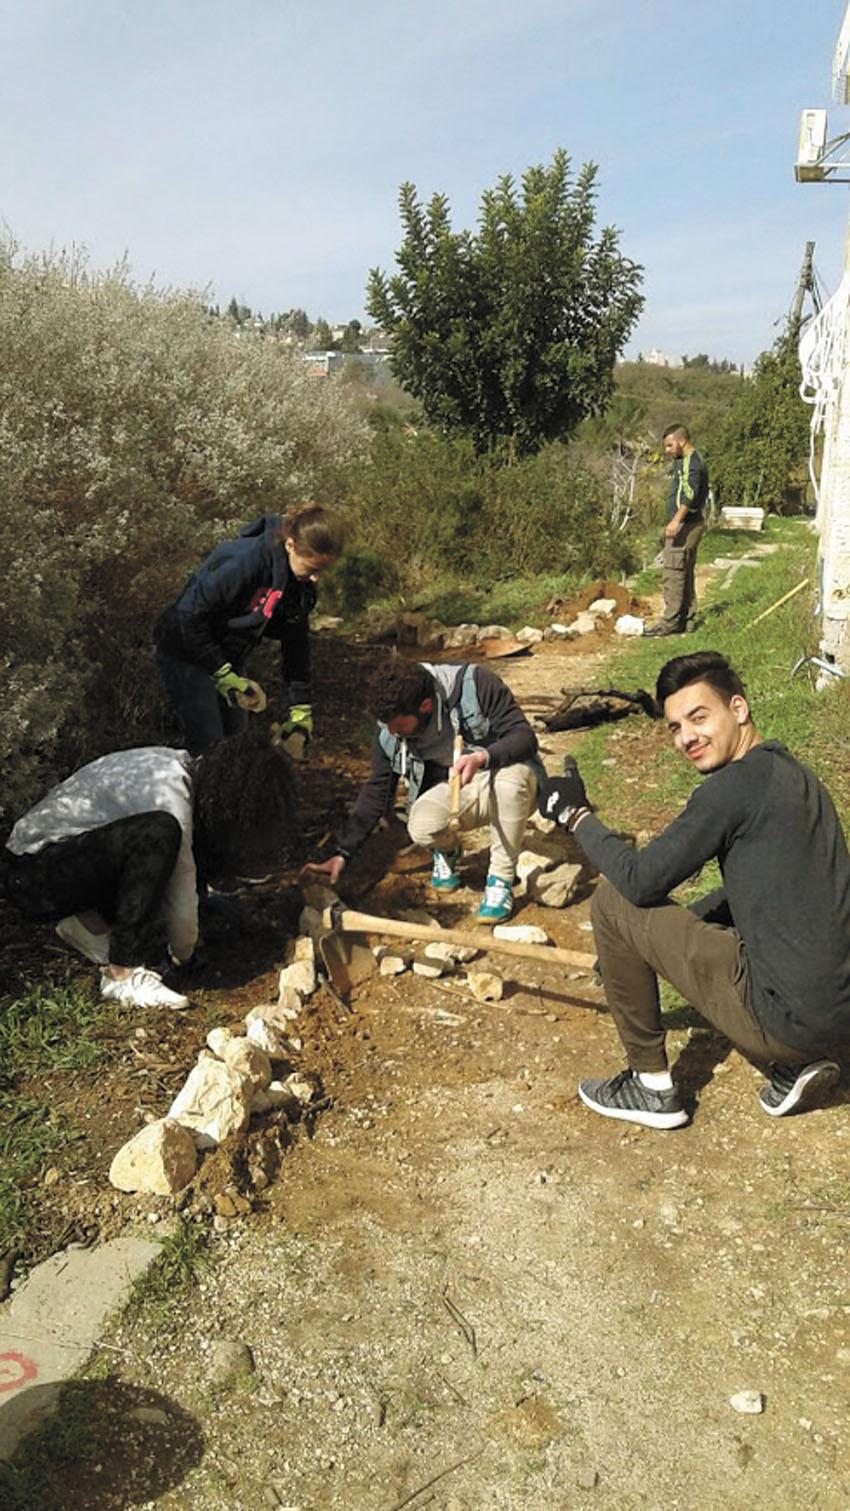 שבוע האחריות החברתית במכללת הדסה (צילום: באדיבות המכללה האקדמית הדסה)